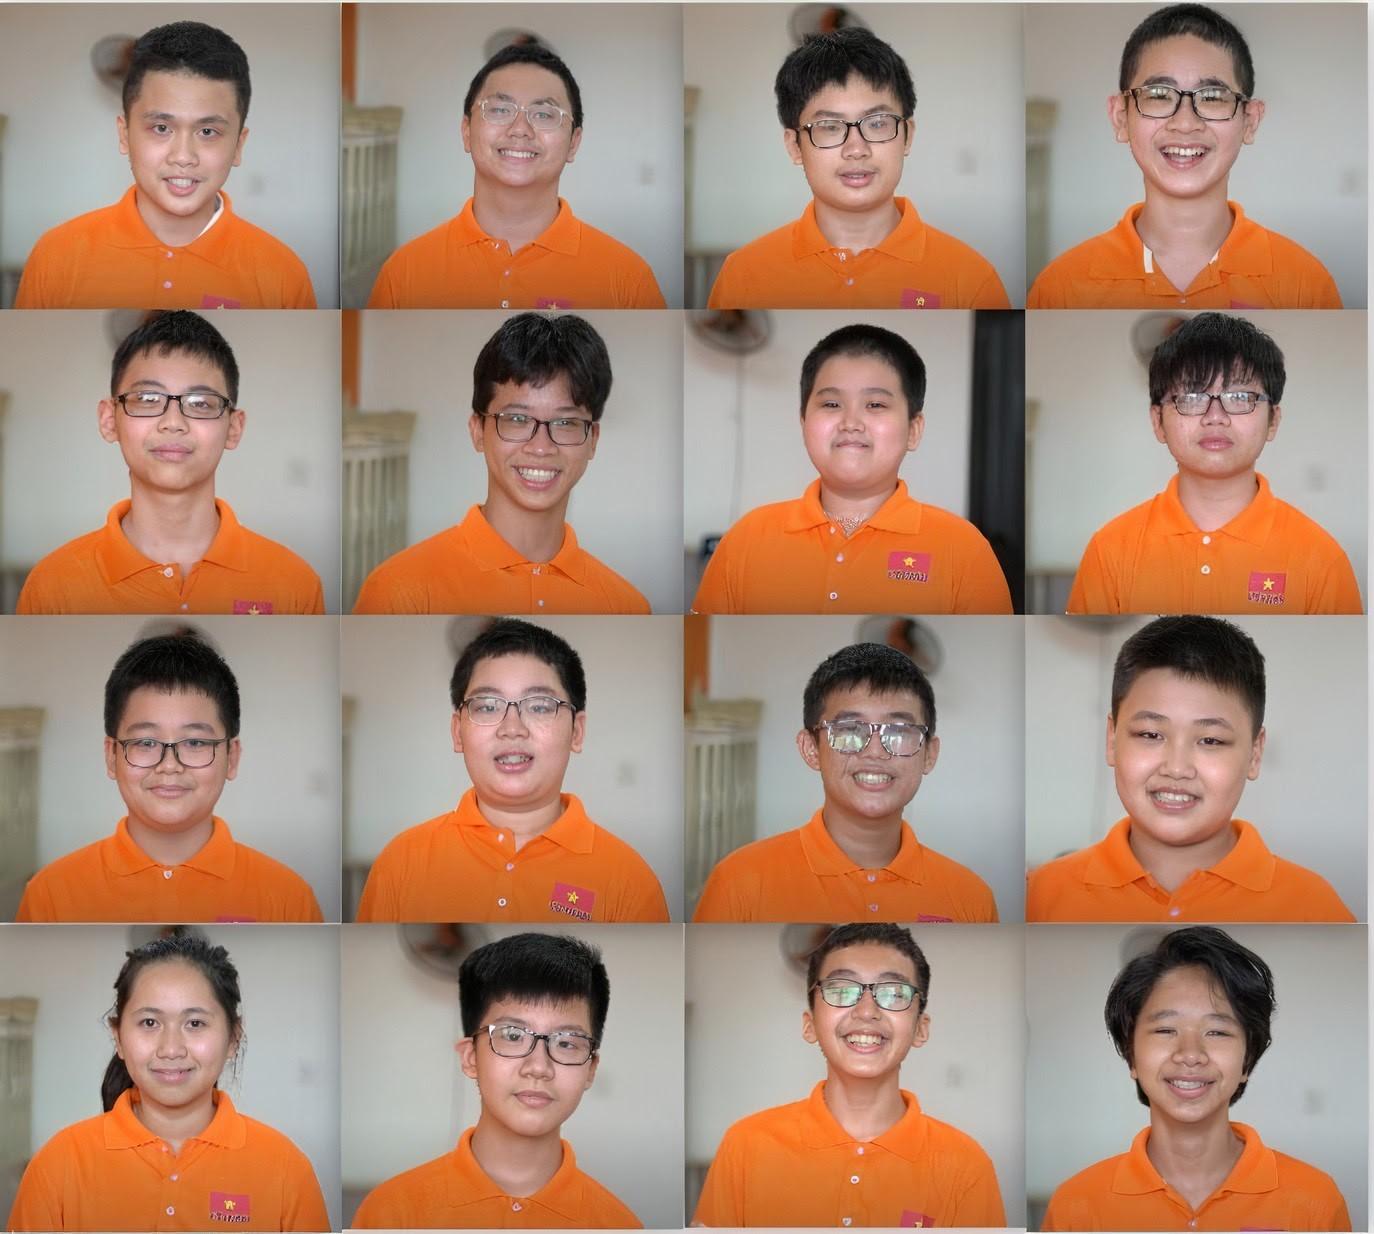 16 học sinh tham dự kỳ thi Toán học trẻ quốc tế 2021. Ảnh: Ban tổ chức